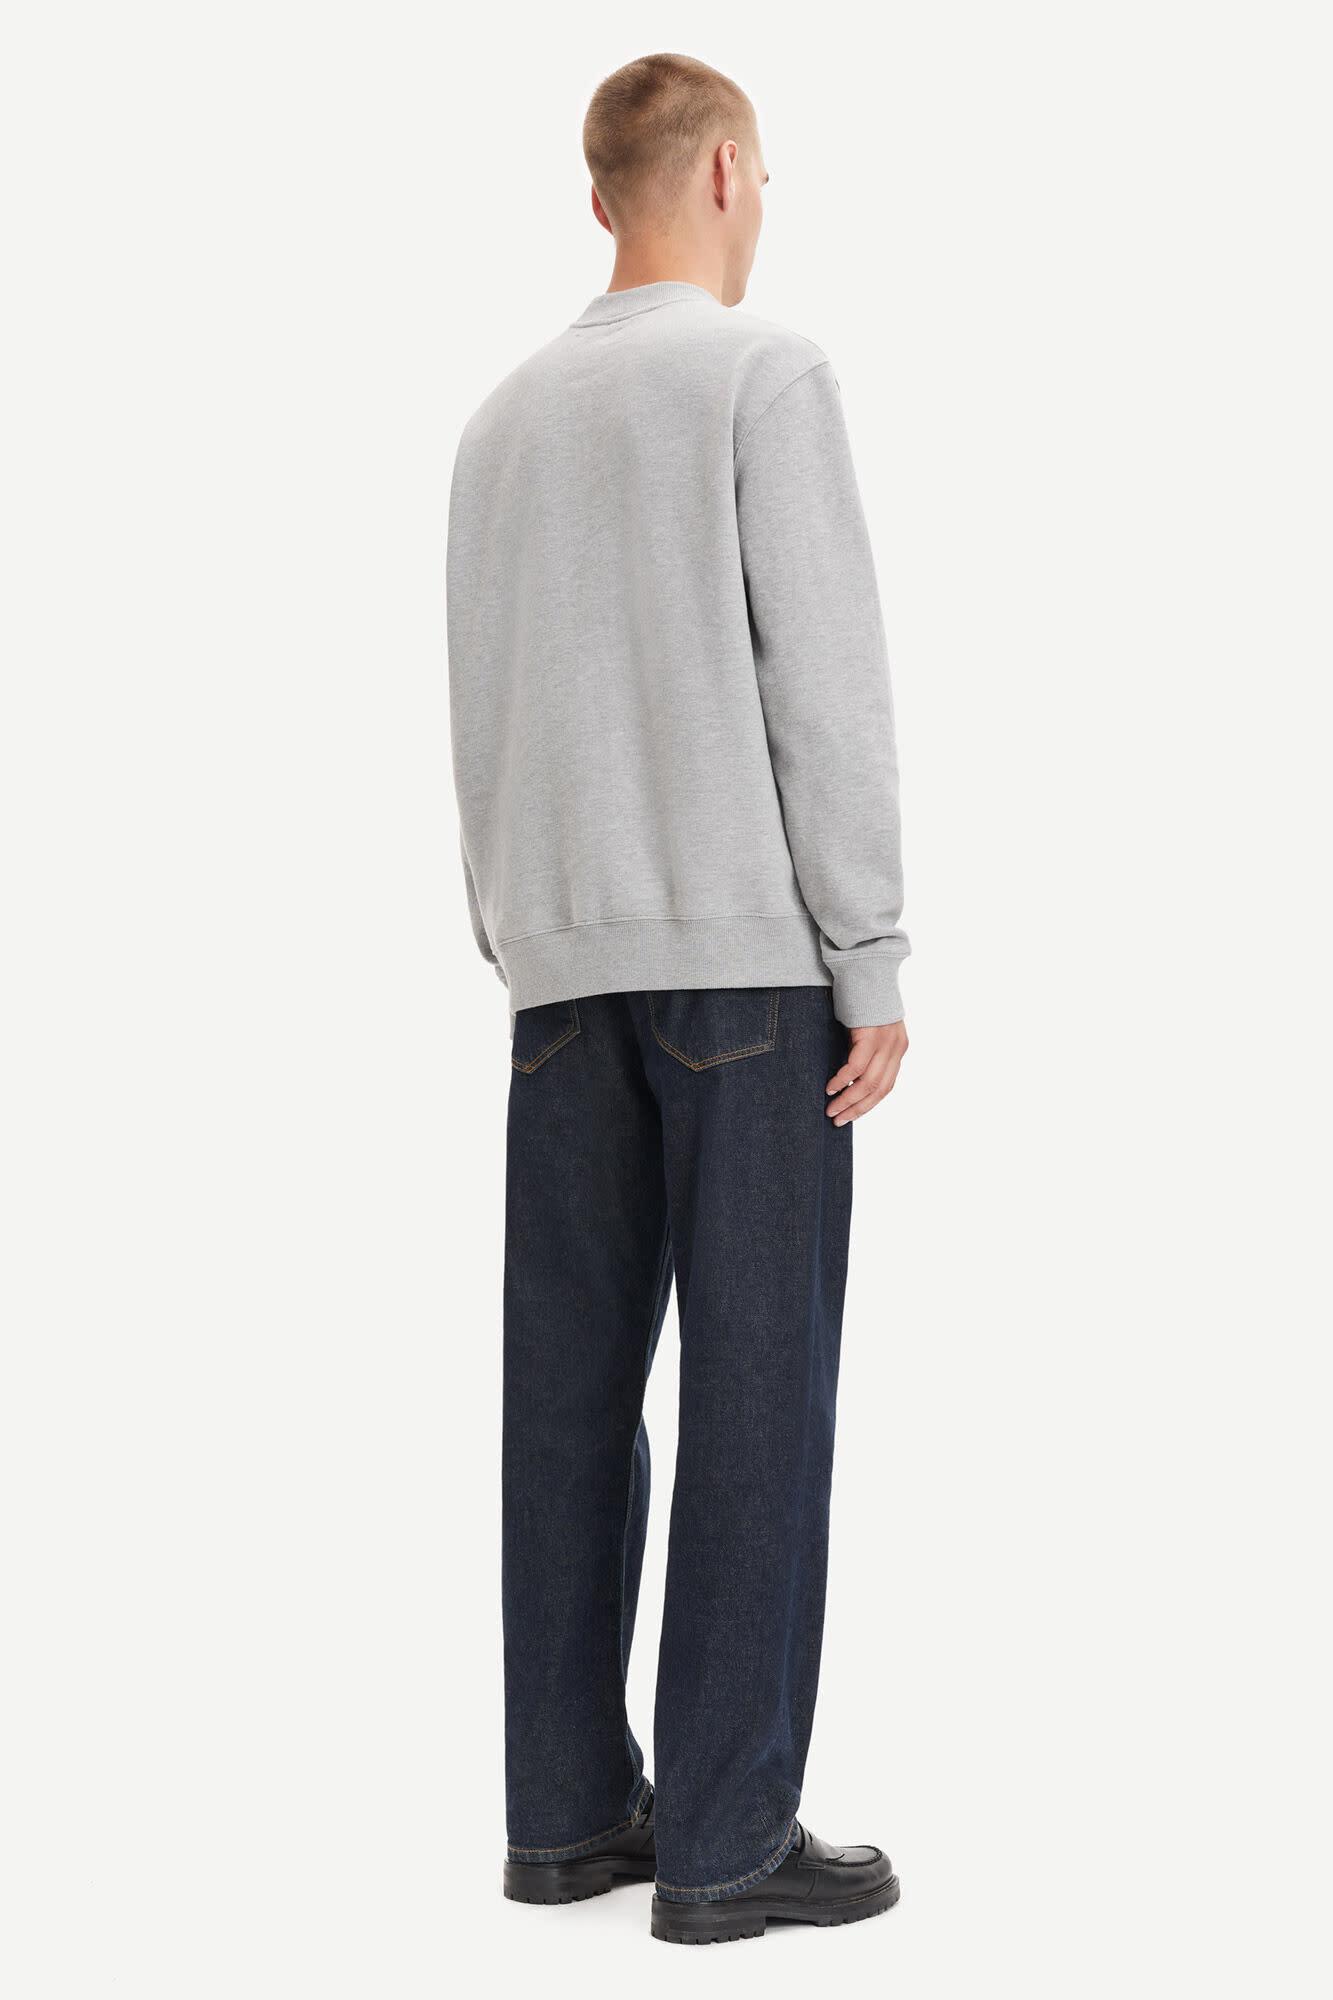 Norsbro Crew Neck Sweatshirt Grey-4